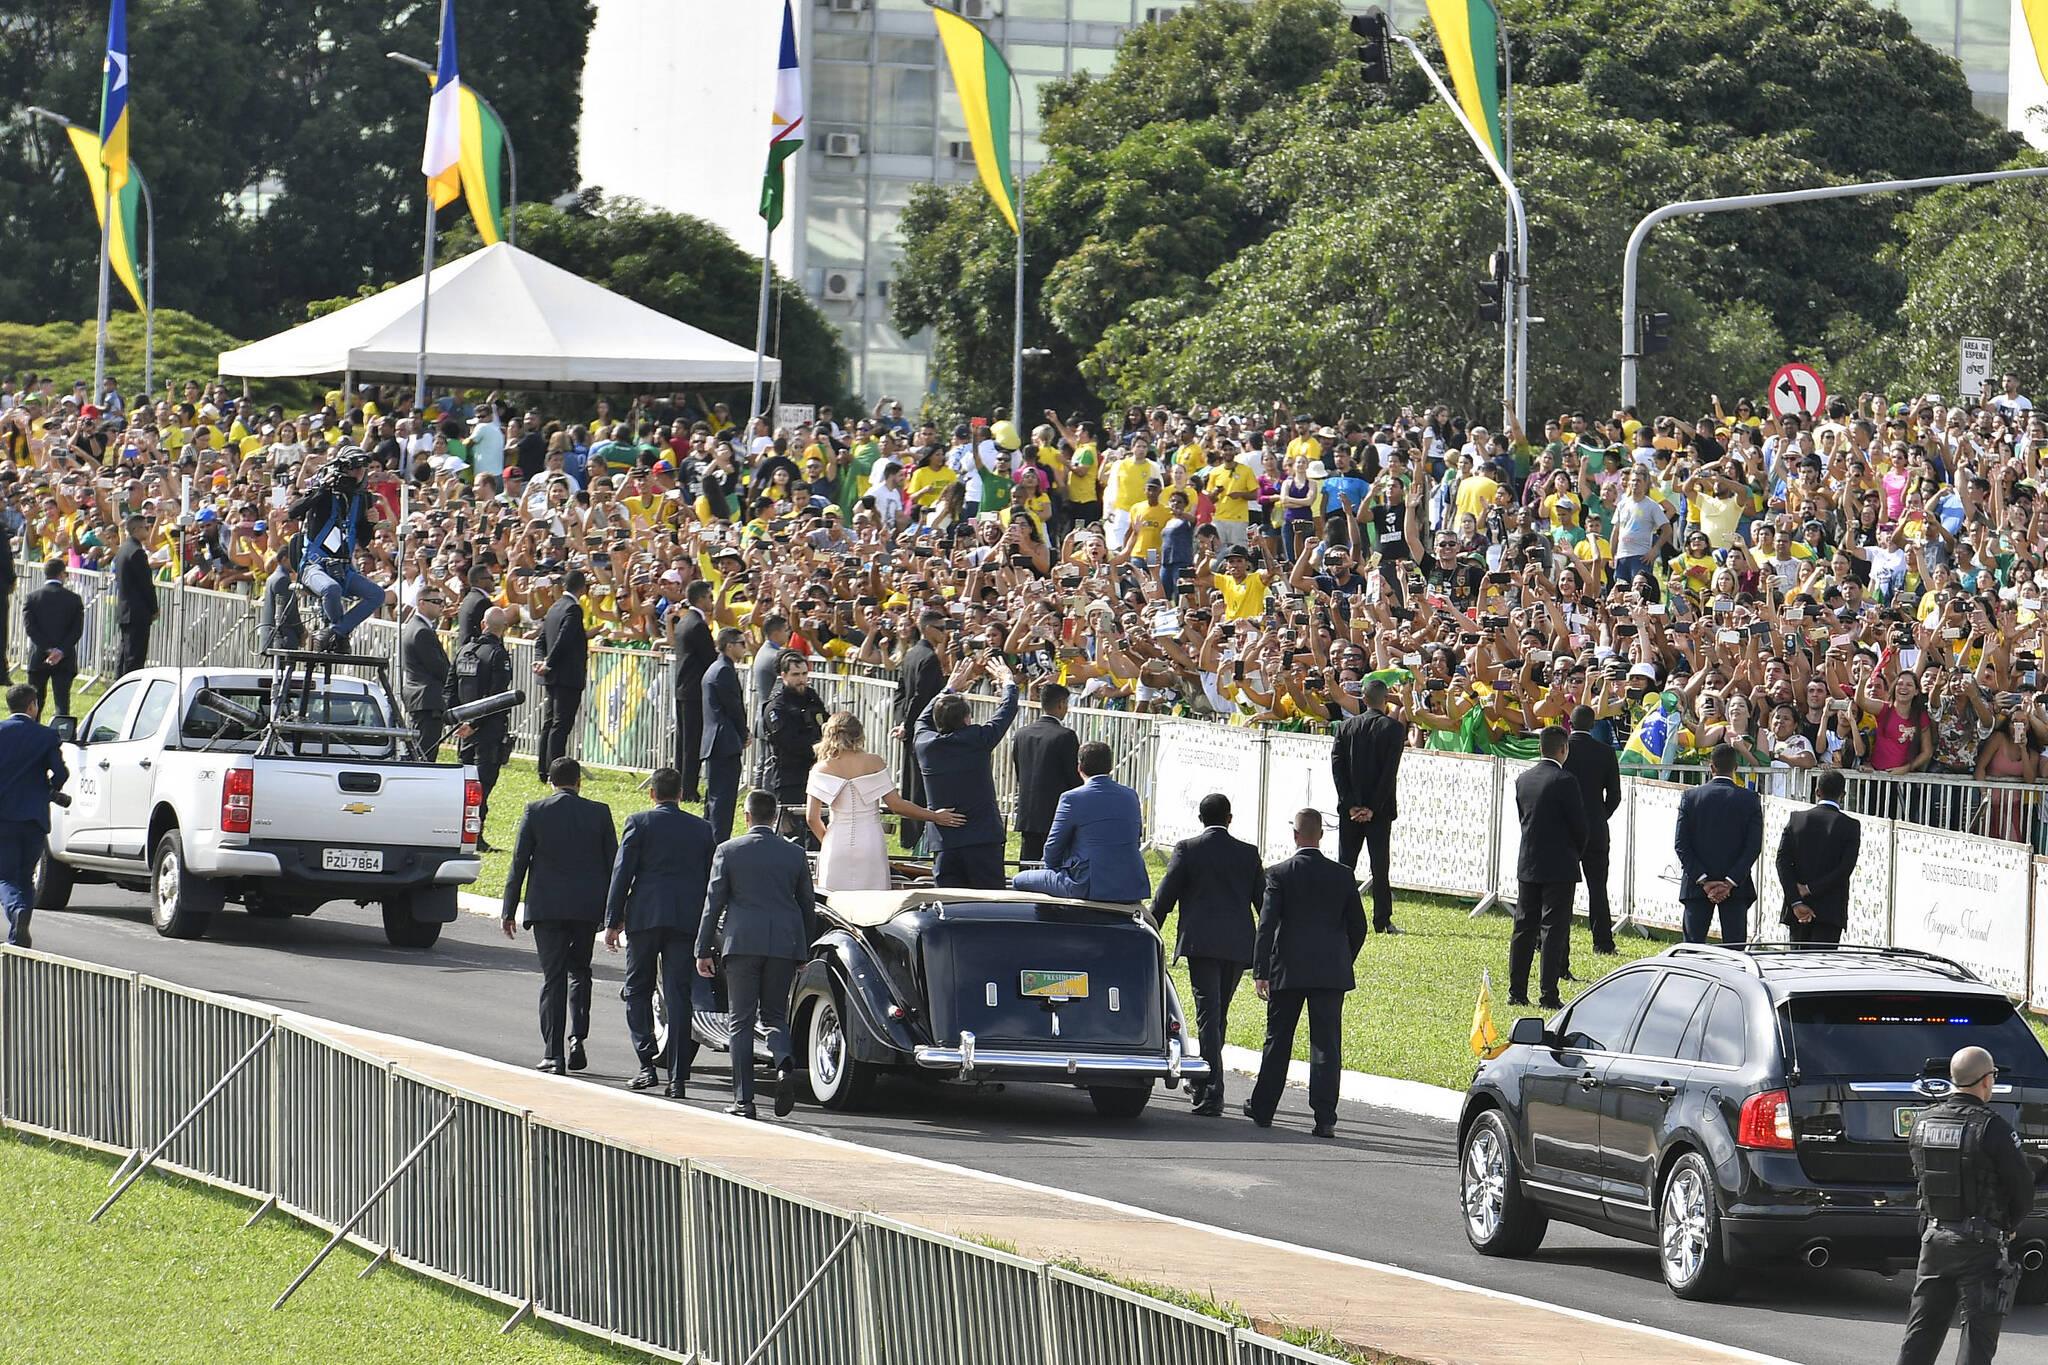 Cerimônia de posse de Bolsonaro teve início com desfile em carro aberto. Foto: Geraldo Magela/Agência Senado - 1.1.19